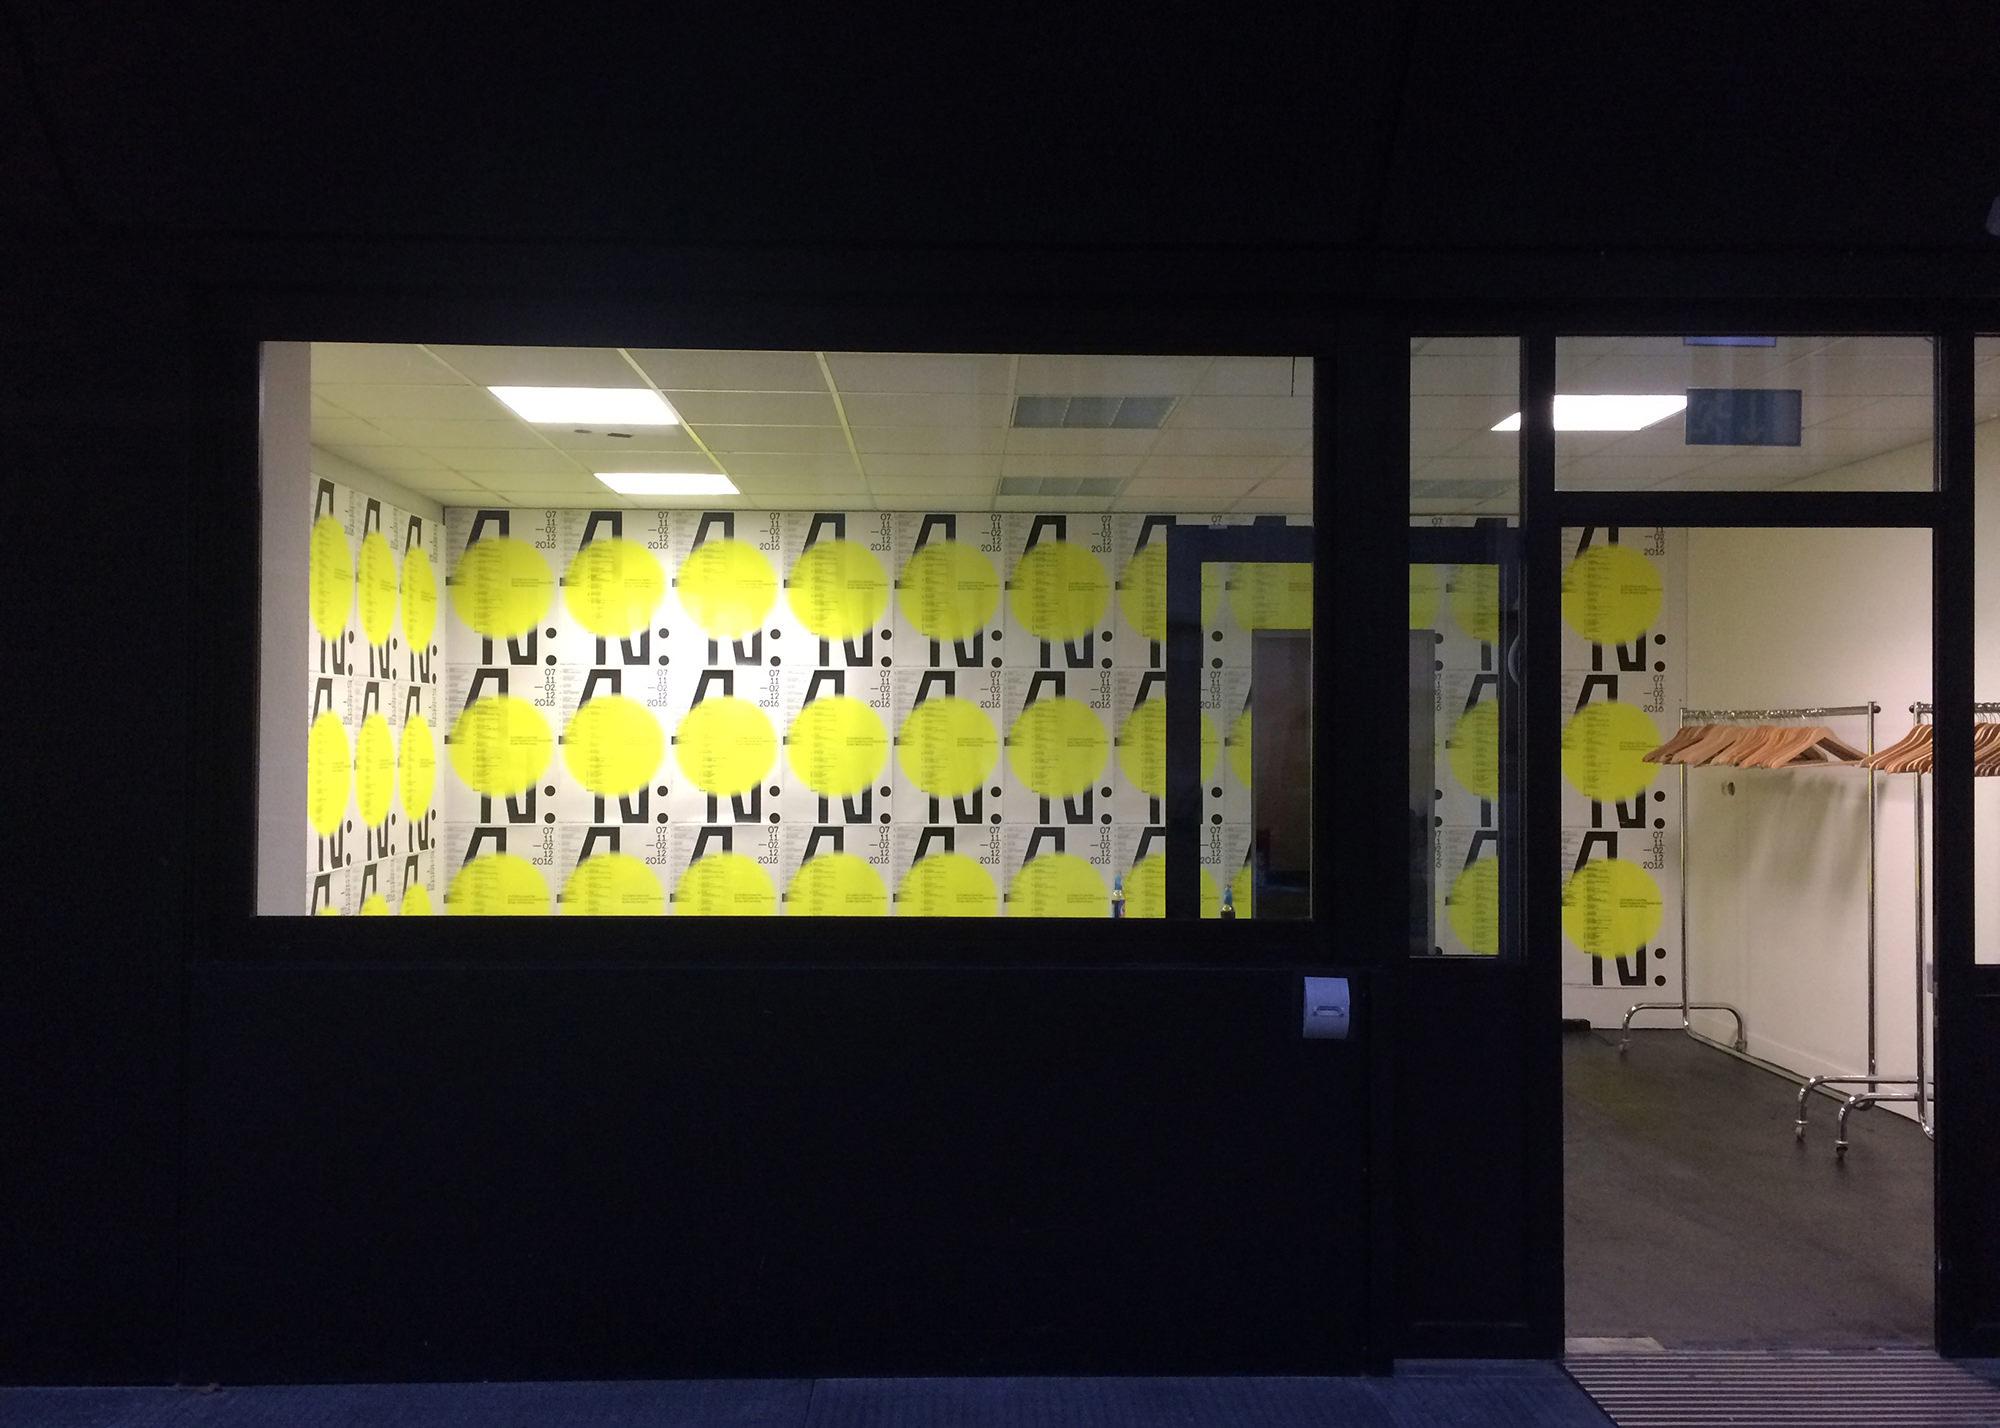 Plakatwand am Eröffnungsabend im Fruchtkasten, Stuttgart